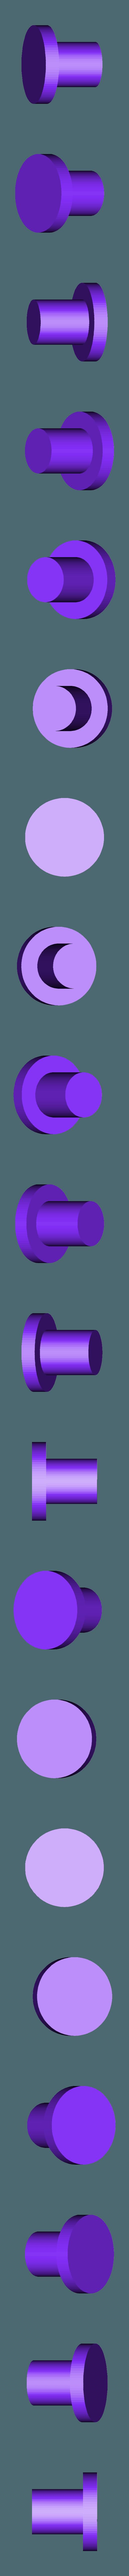 Bevel_gear_mechanism_main_gear_holder.stl Télécharger fichier STL gratuit Mécanisme qui ne tourne que dans un sens, quoi qu'il arrive !!!!! Engrenage conique • Objet à imprimer en 3D, matthewdwulff